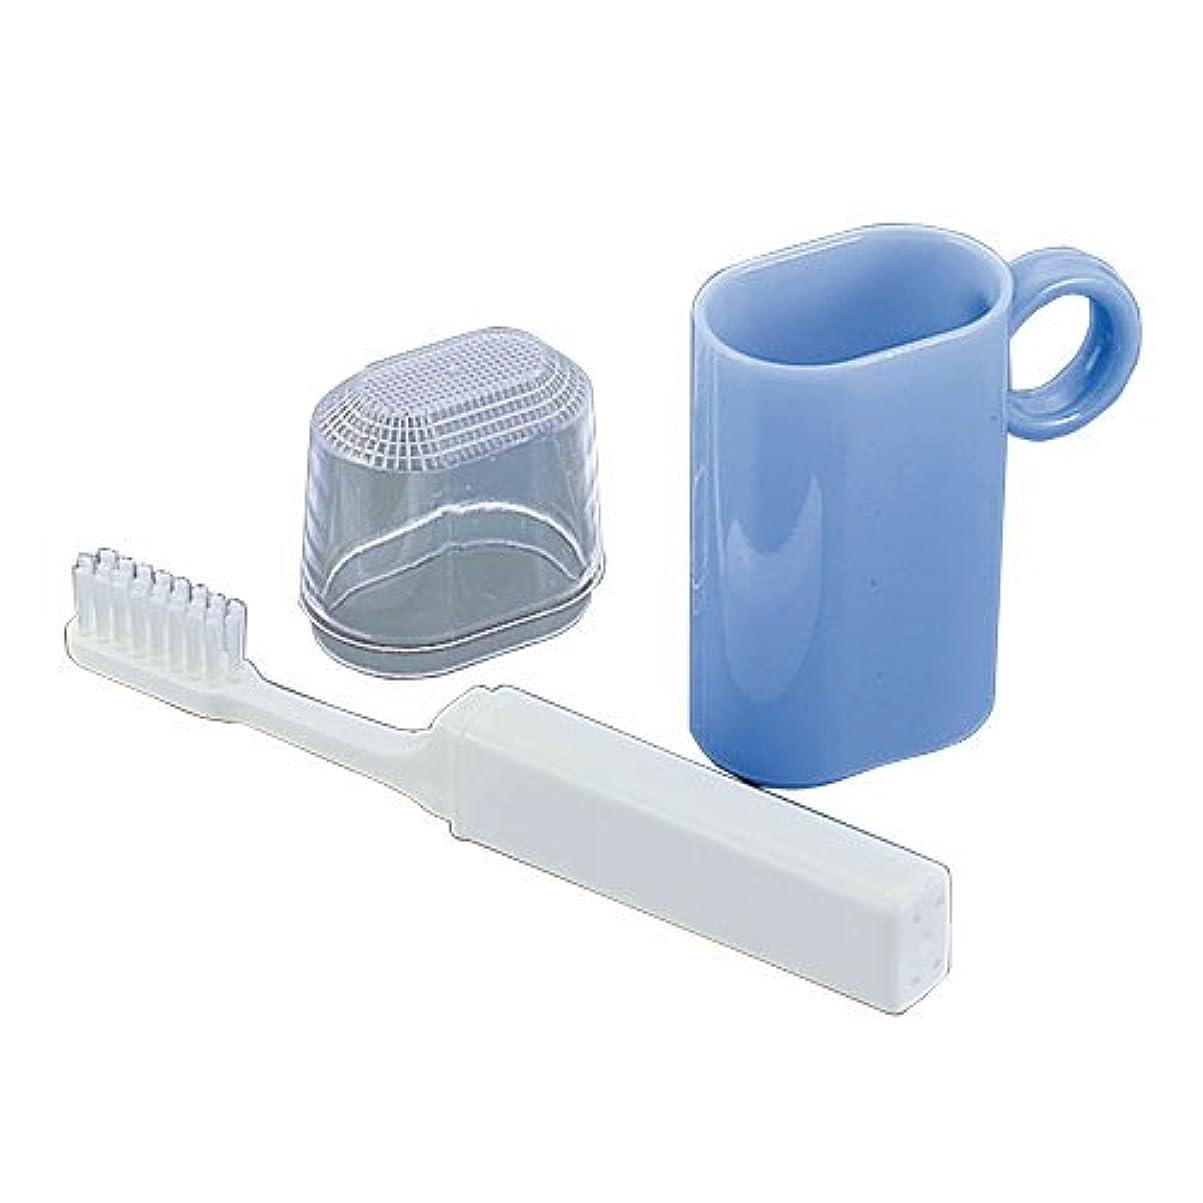 ポータブル論理的パキスタン人コップ付歯ブラシセット ブルー